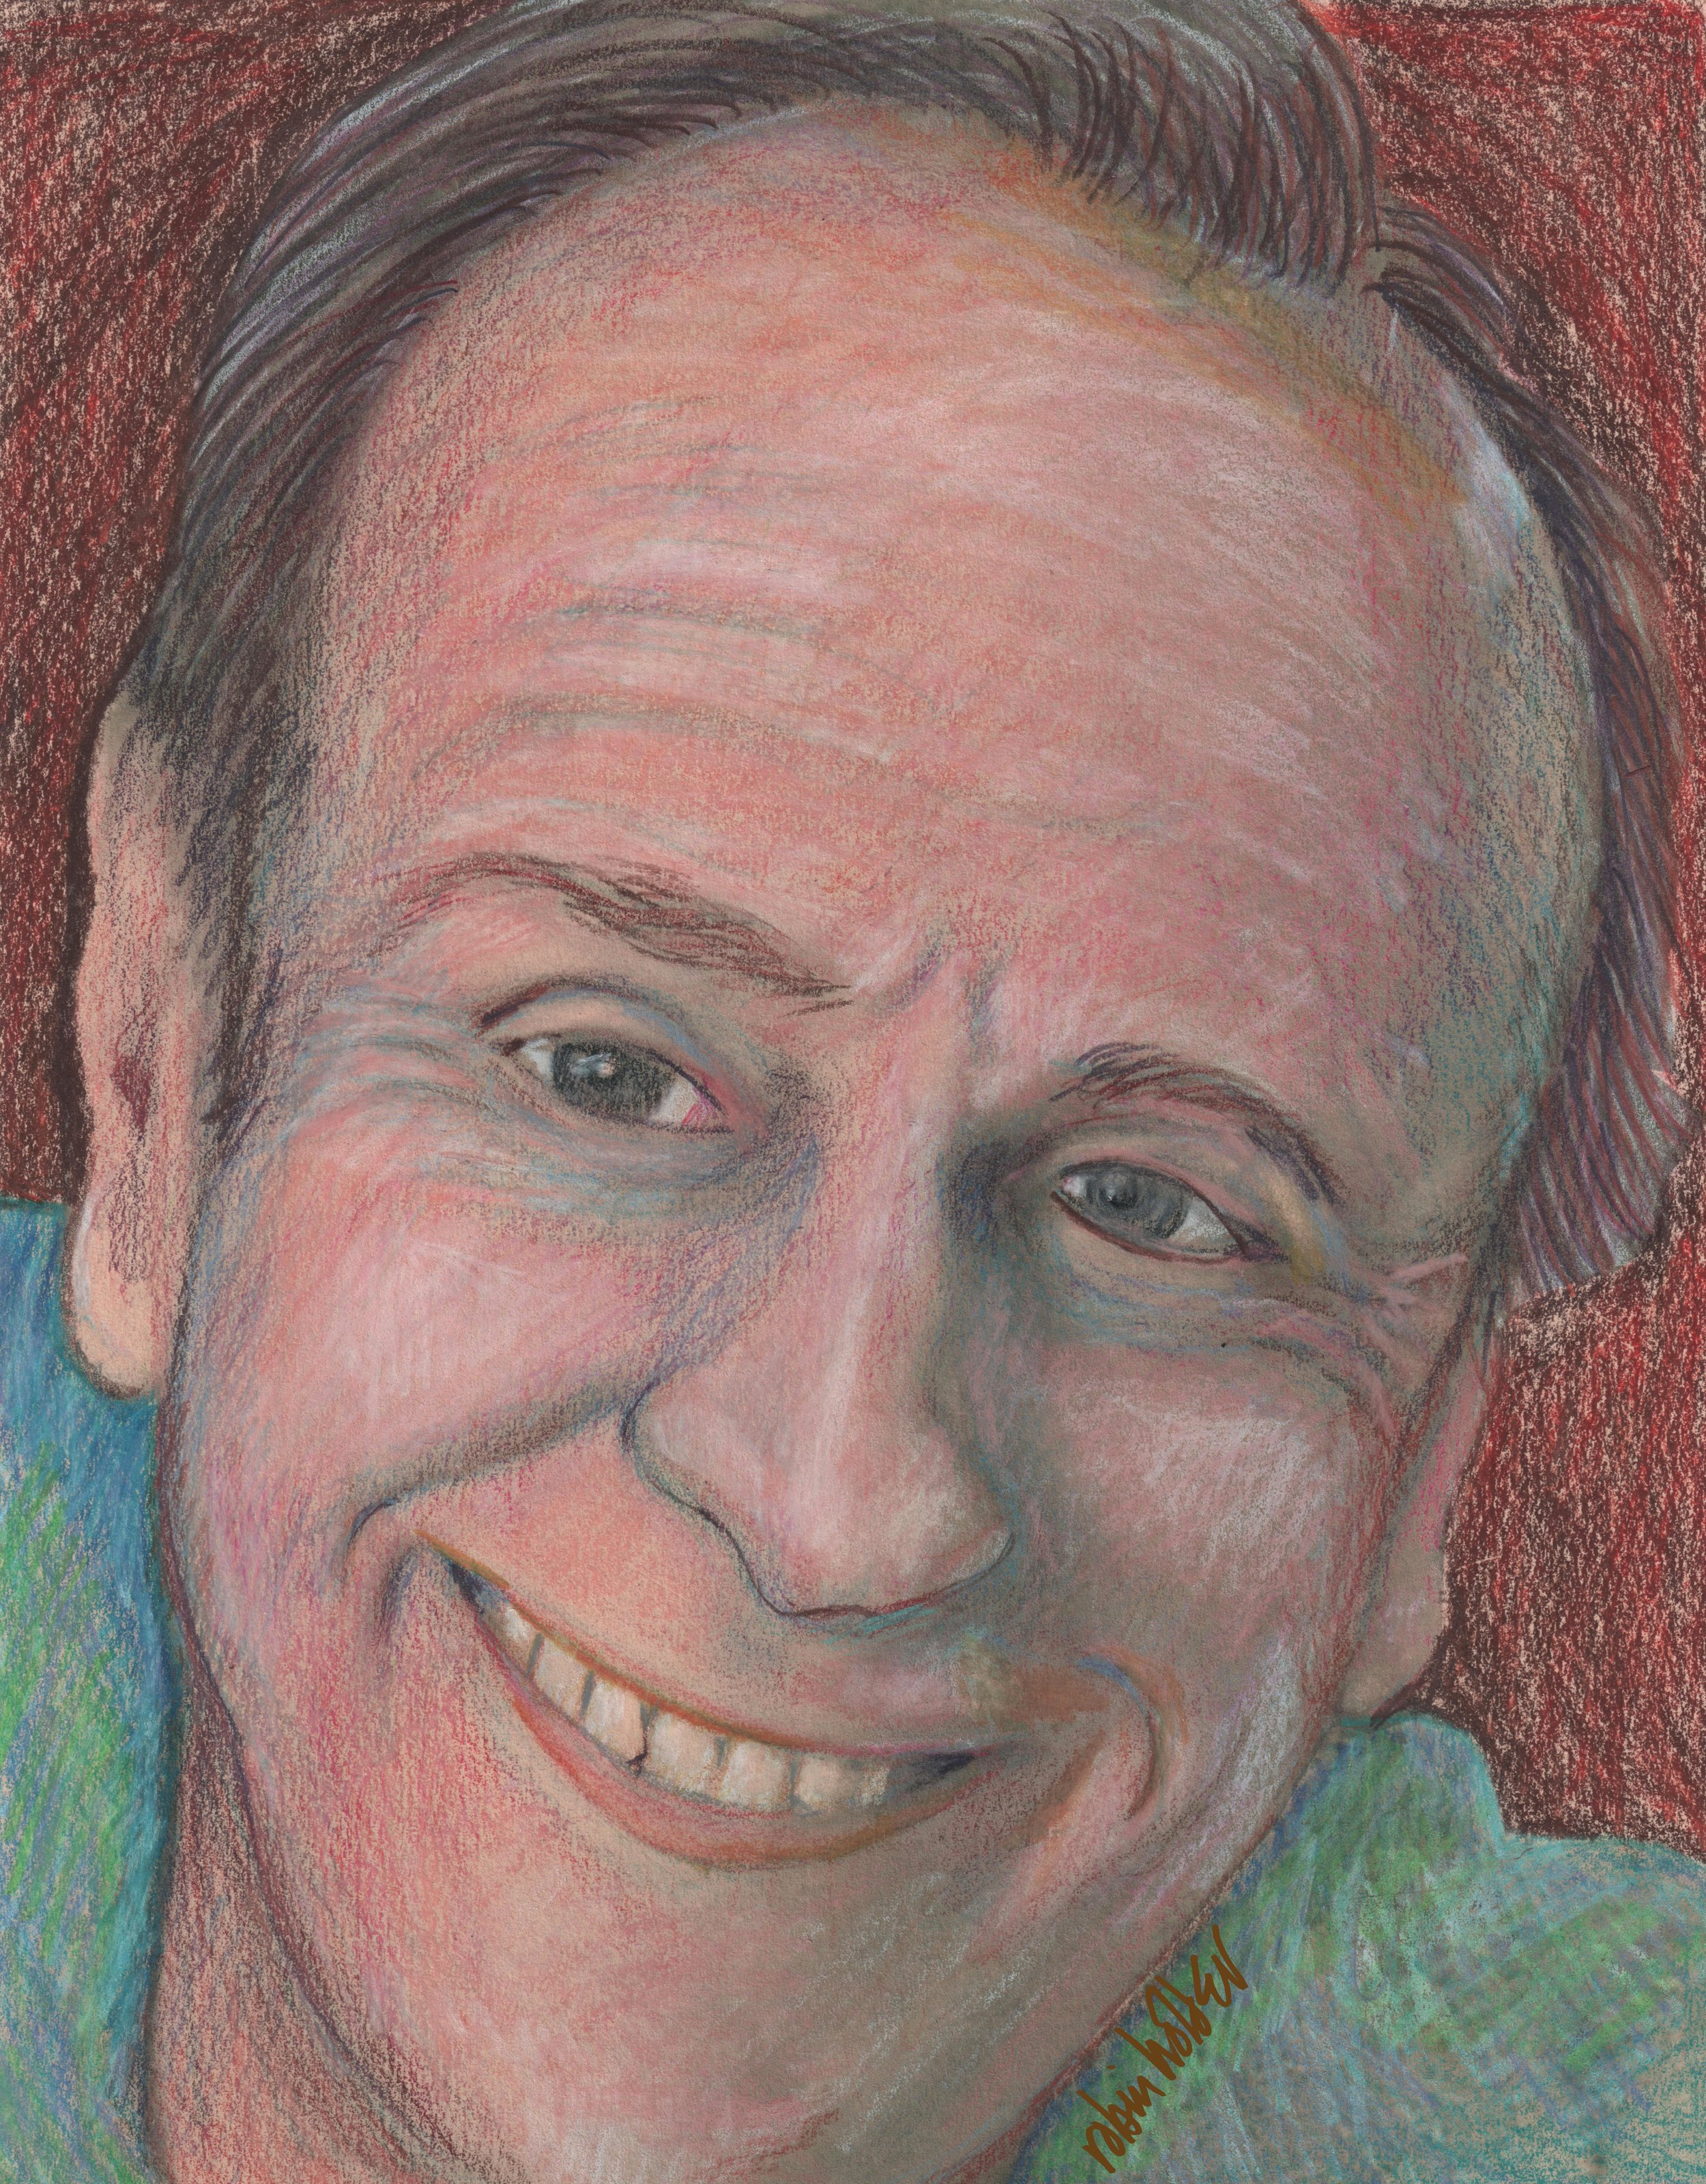 david meyer by robin holder.jpg